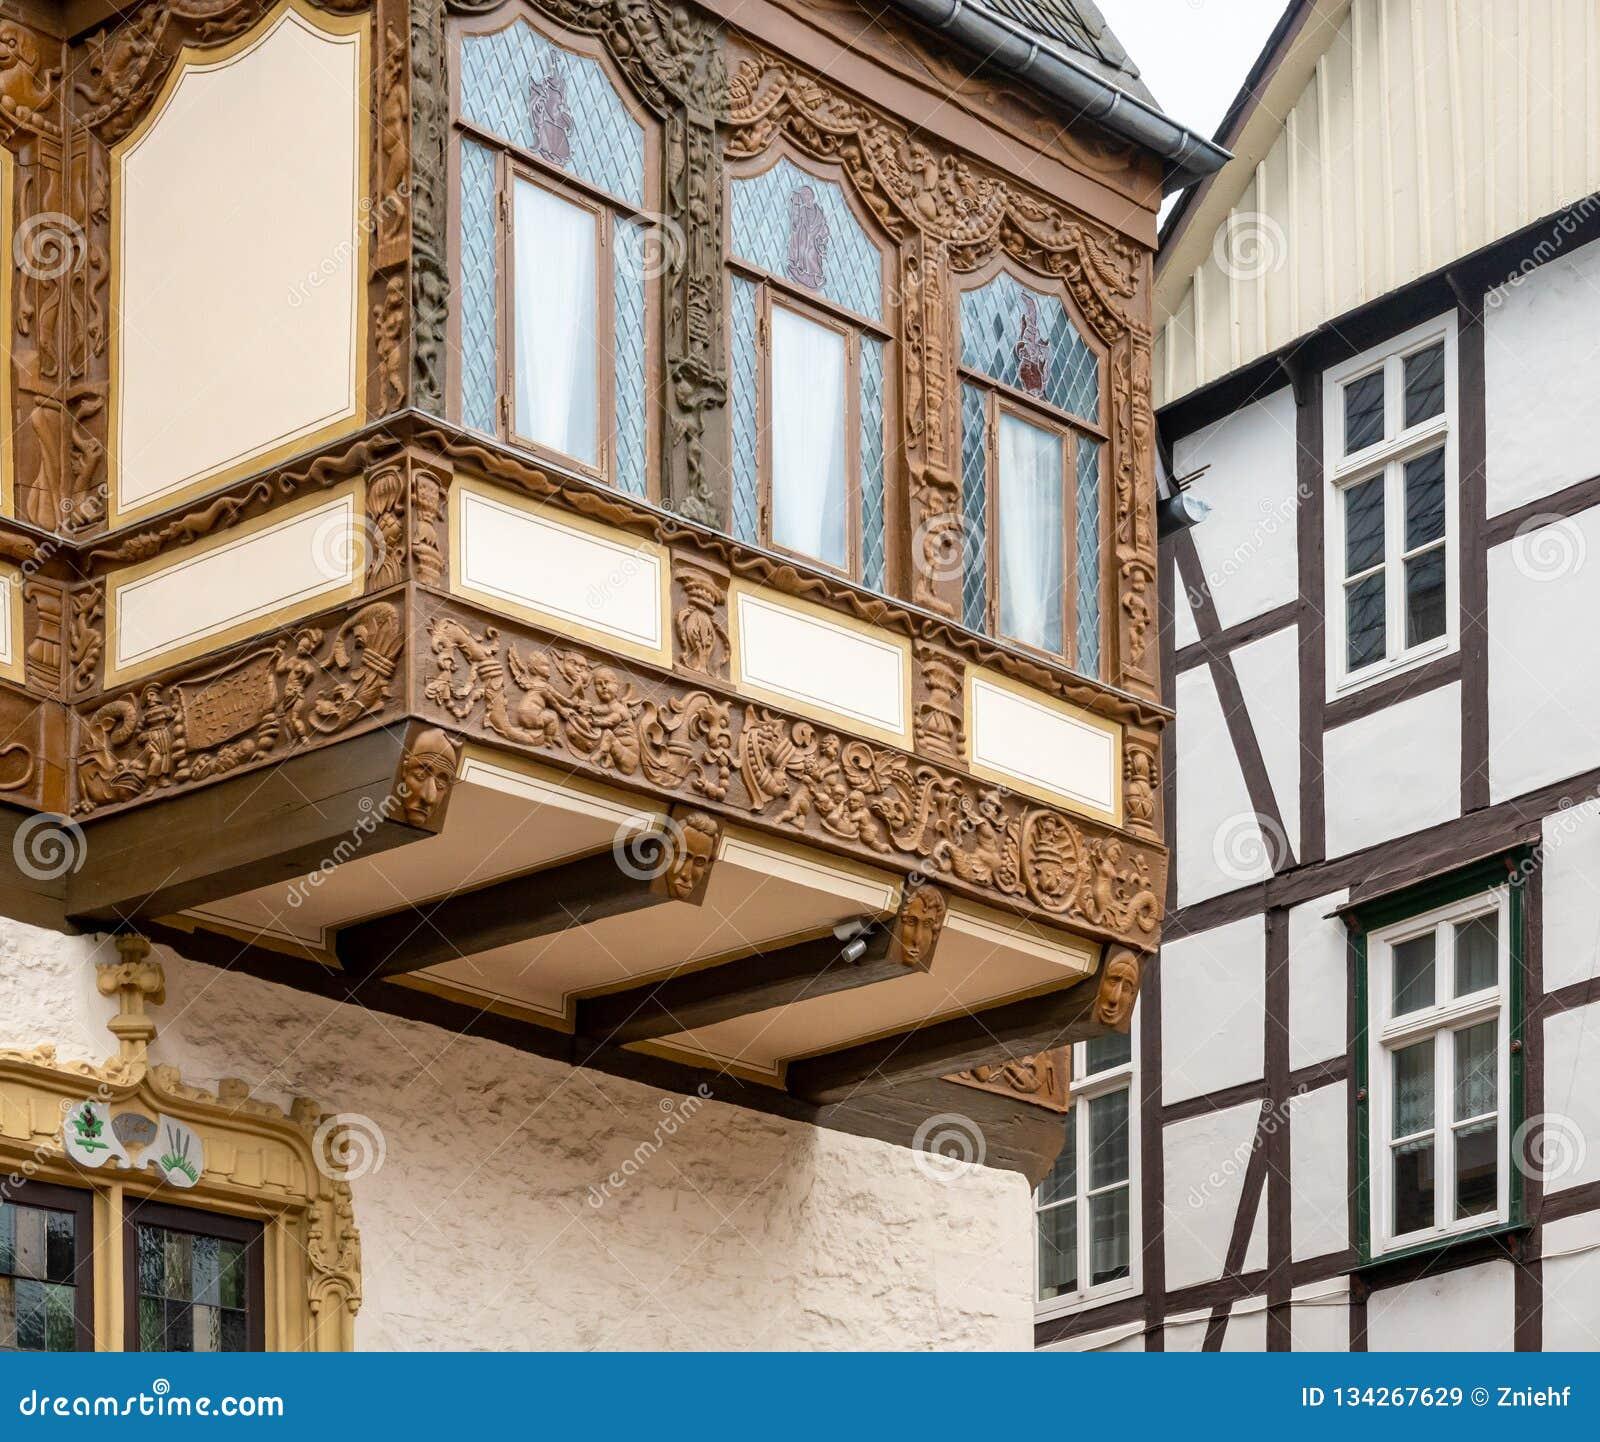 Façade à colombage simple à l arrière-plan et maison à colombage richement découpée sur un oriel dans la vieille ville